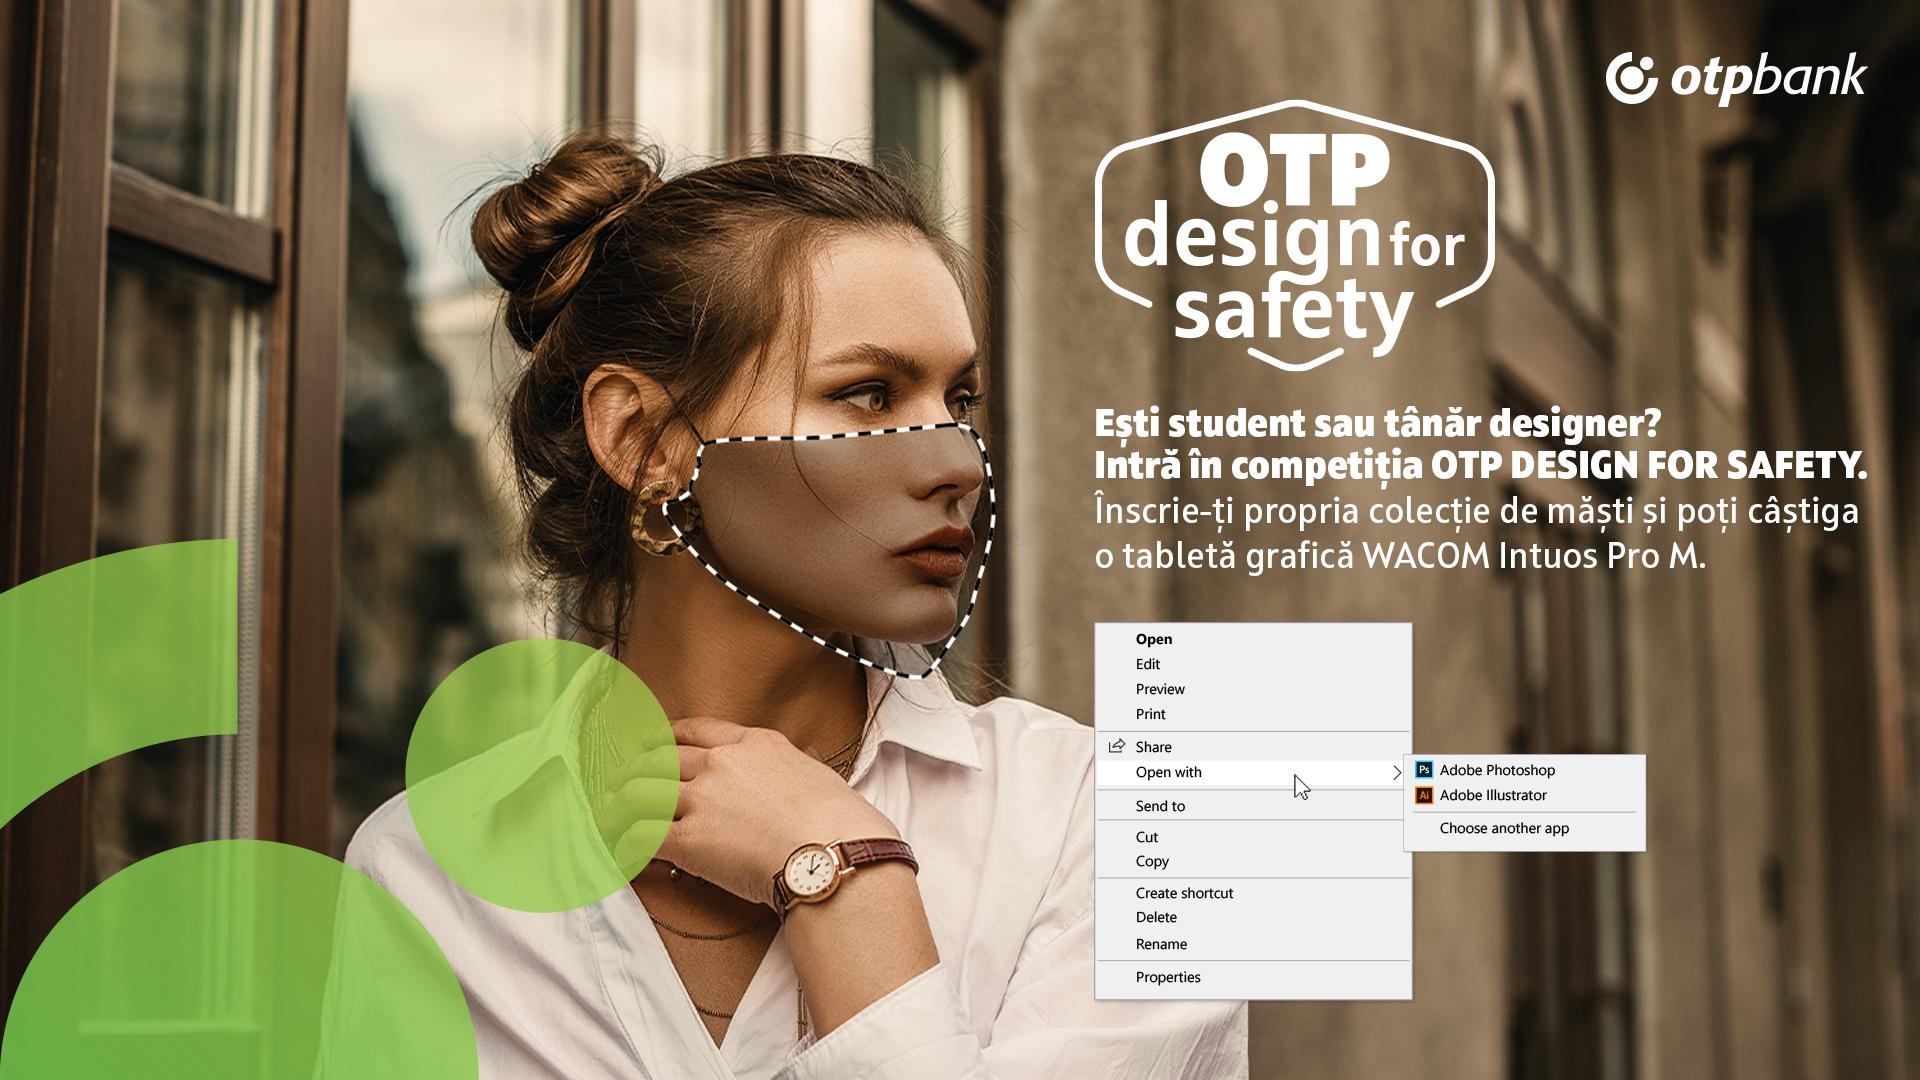 OTP Design for Safety